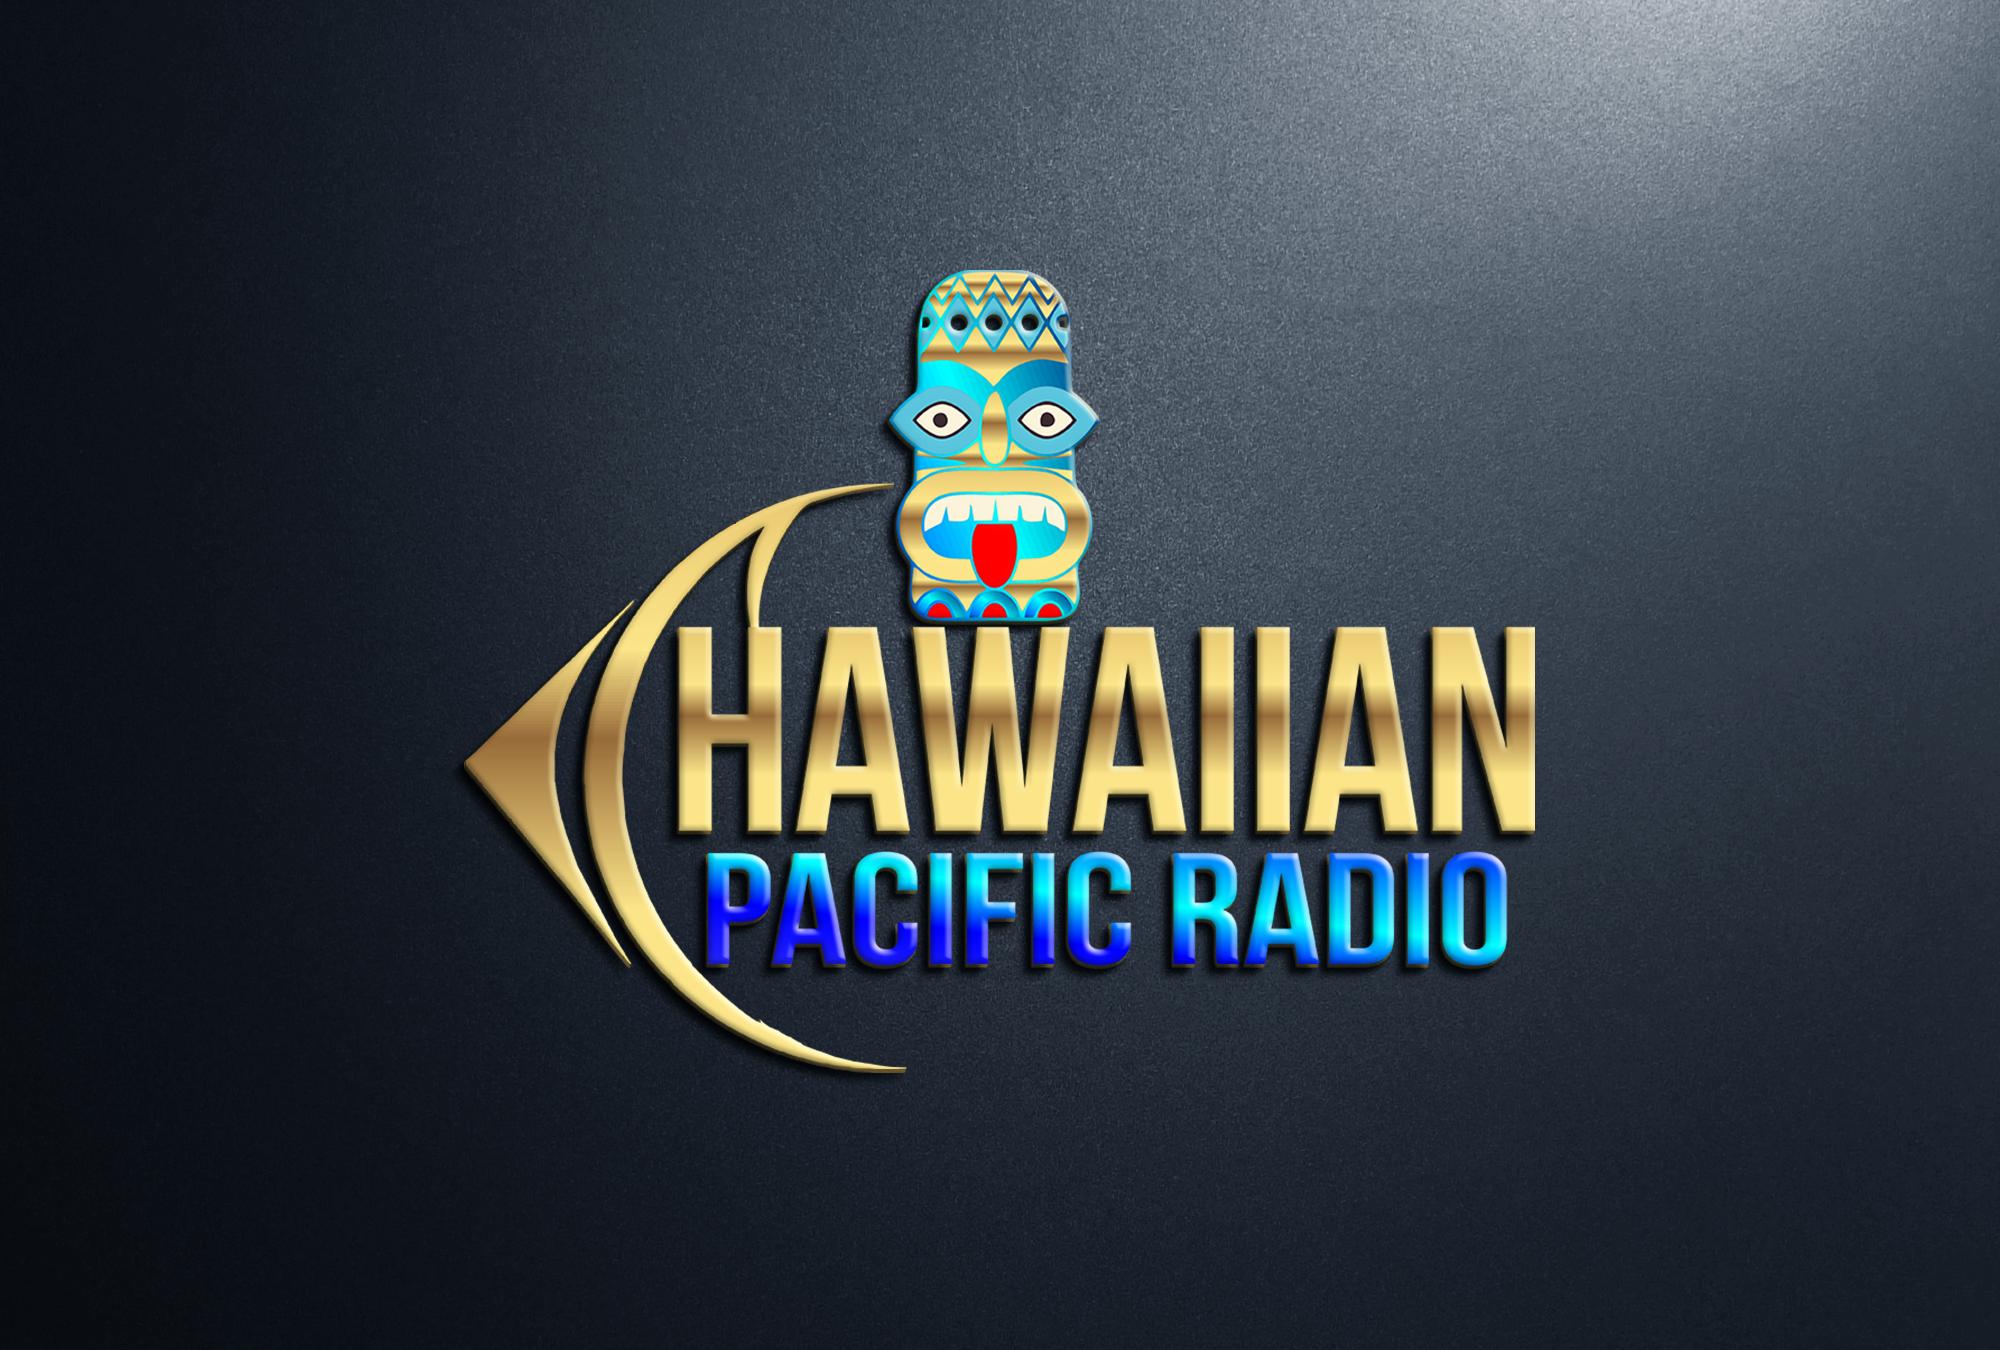 Hawaiian Pacific Radio logo